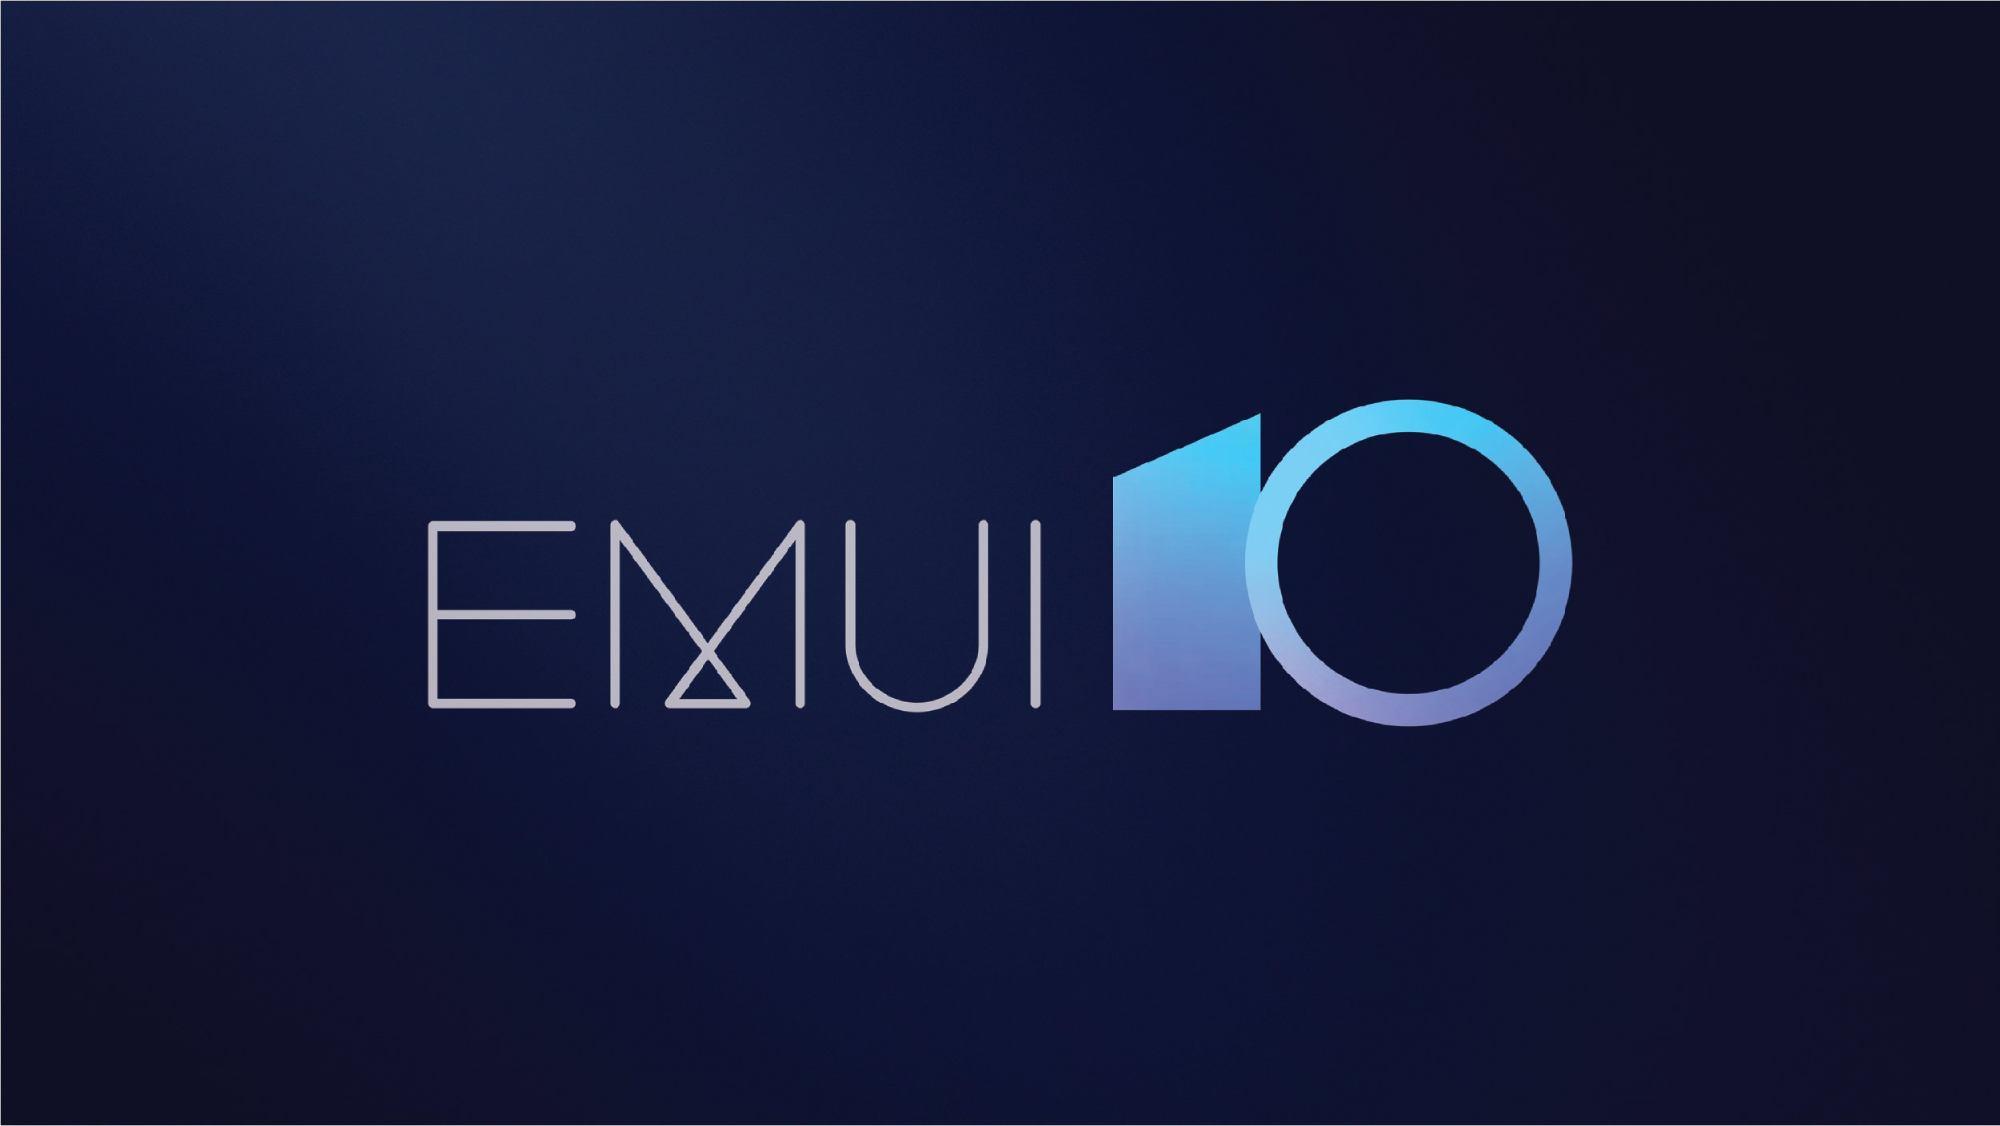 EMUI 10: Bilder zeigen die neue Android-Software von Huawei